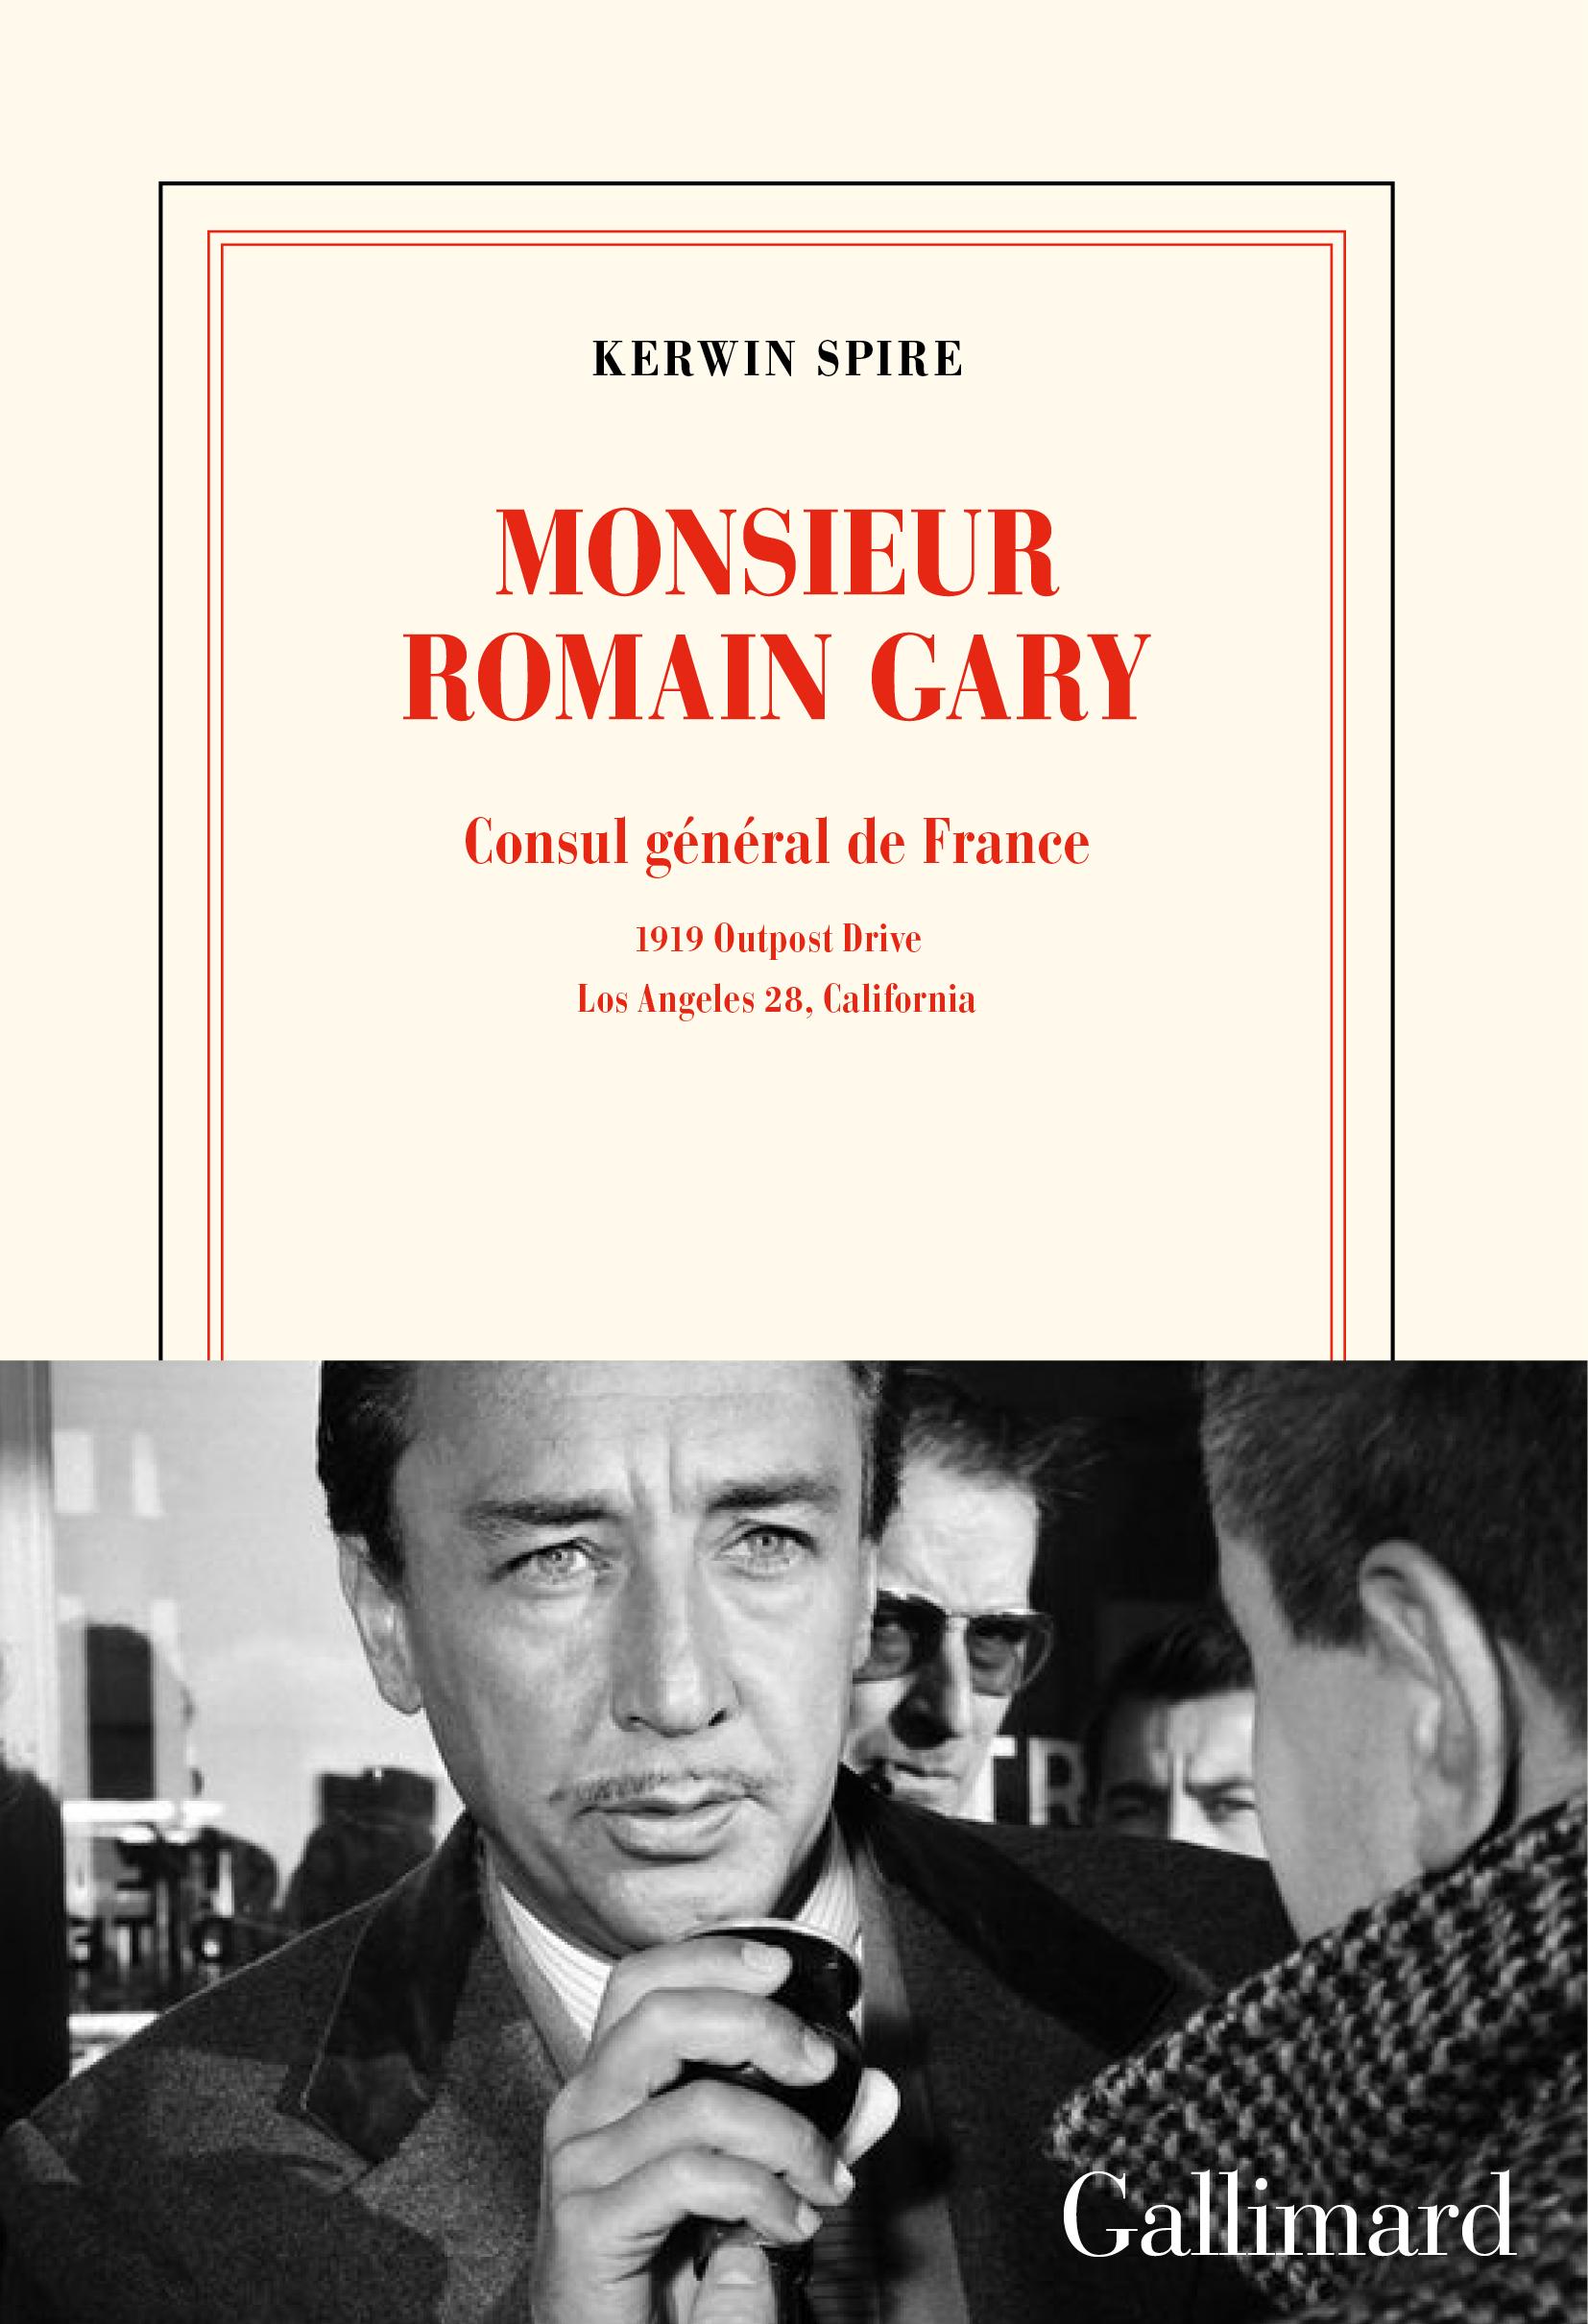 K. Spire, Monsieur Romain Gary